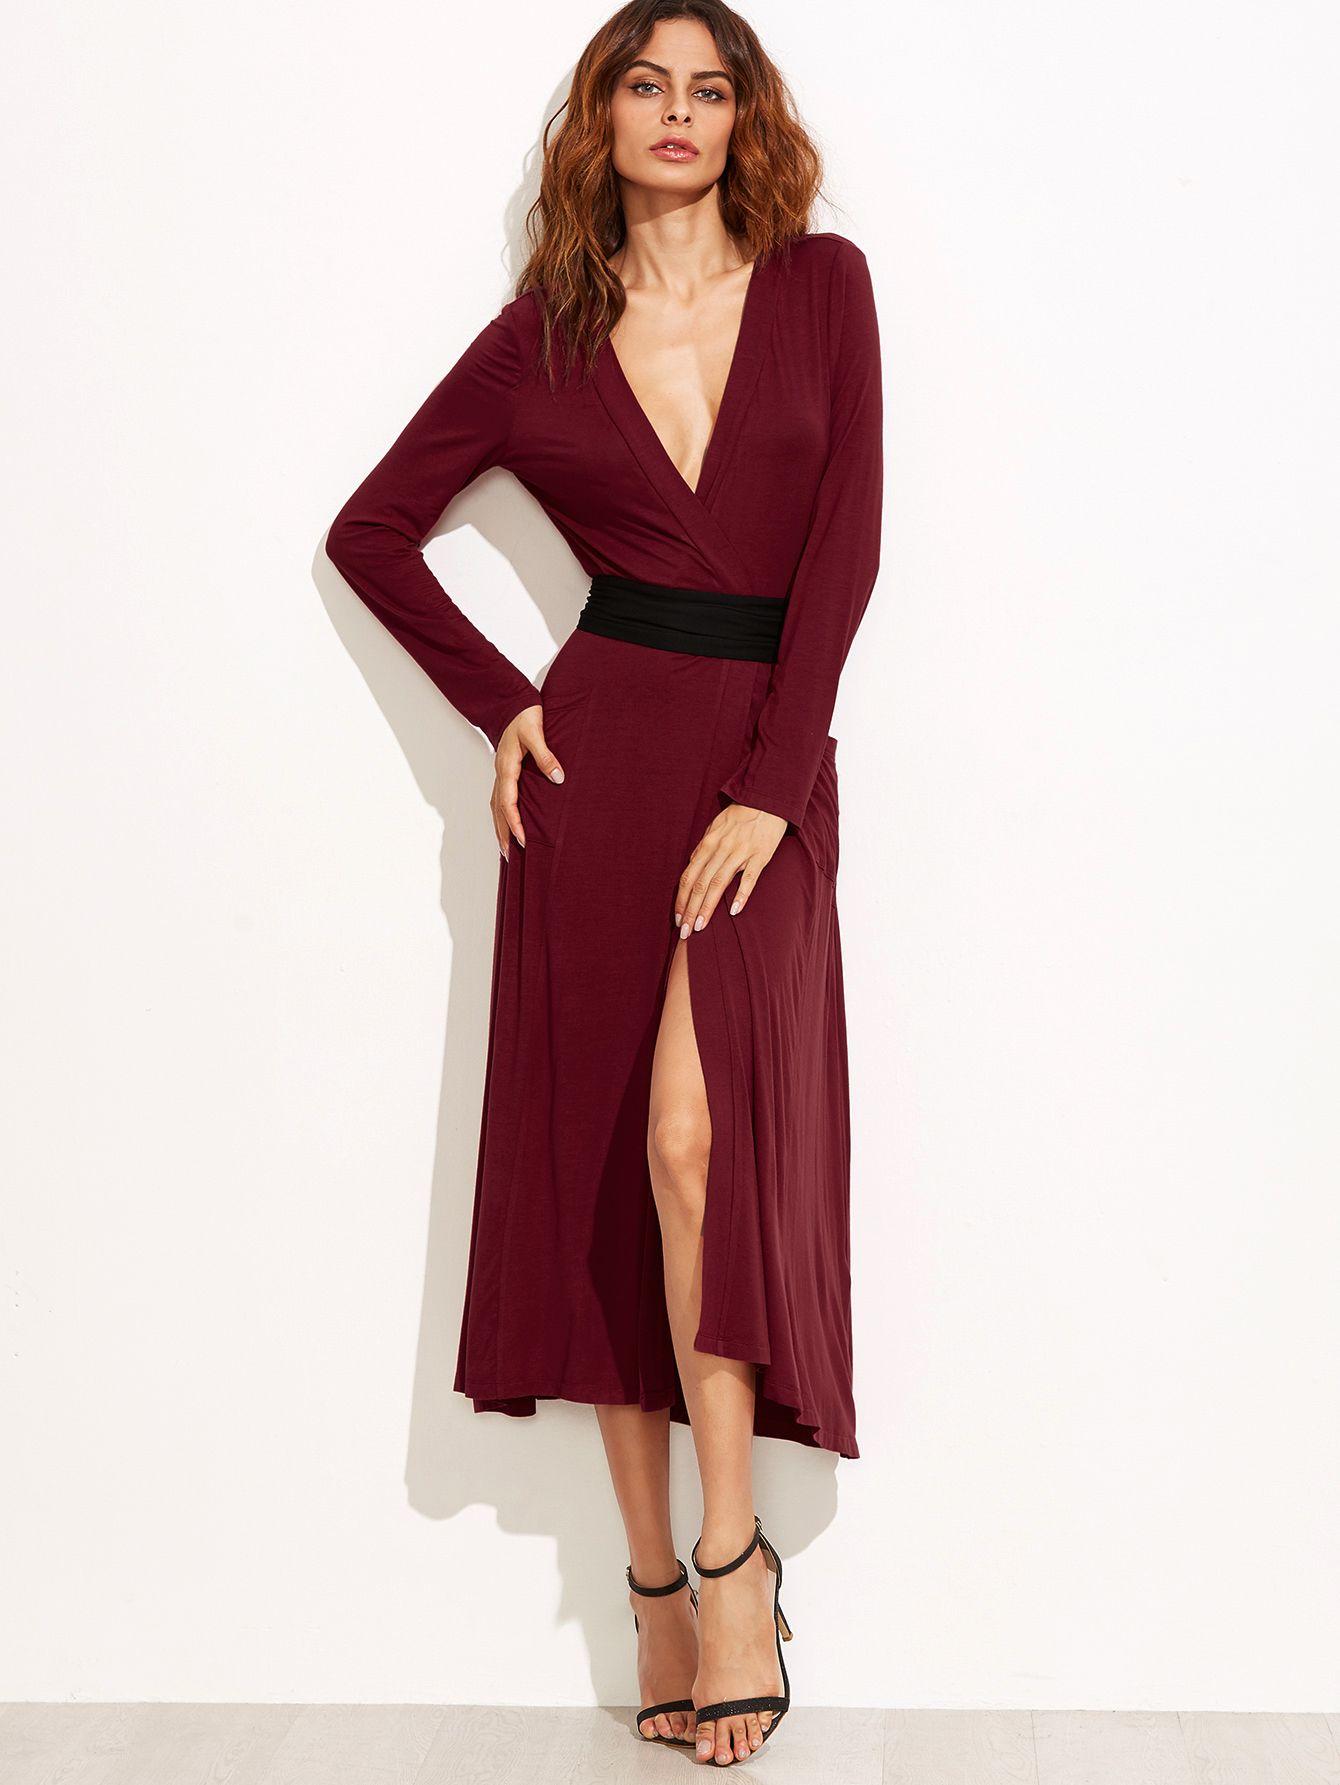 Shop Burgundy Surplice Wrap Dress With Contrast Belt Online Shein Offers Burgundy Surplice Wrap Dress With Contrast Bel Wrap Dress Dresses Surplice Wrap Dress [ 1785 x 1340 Pixel ]